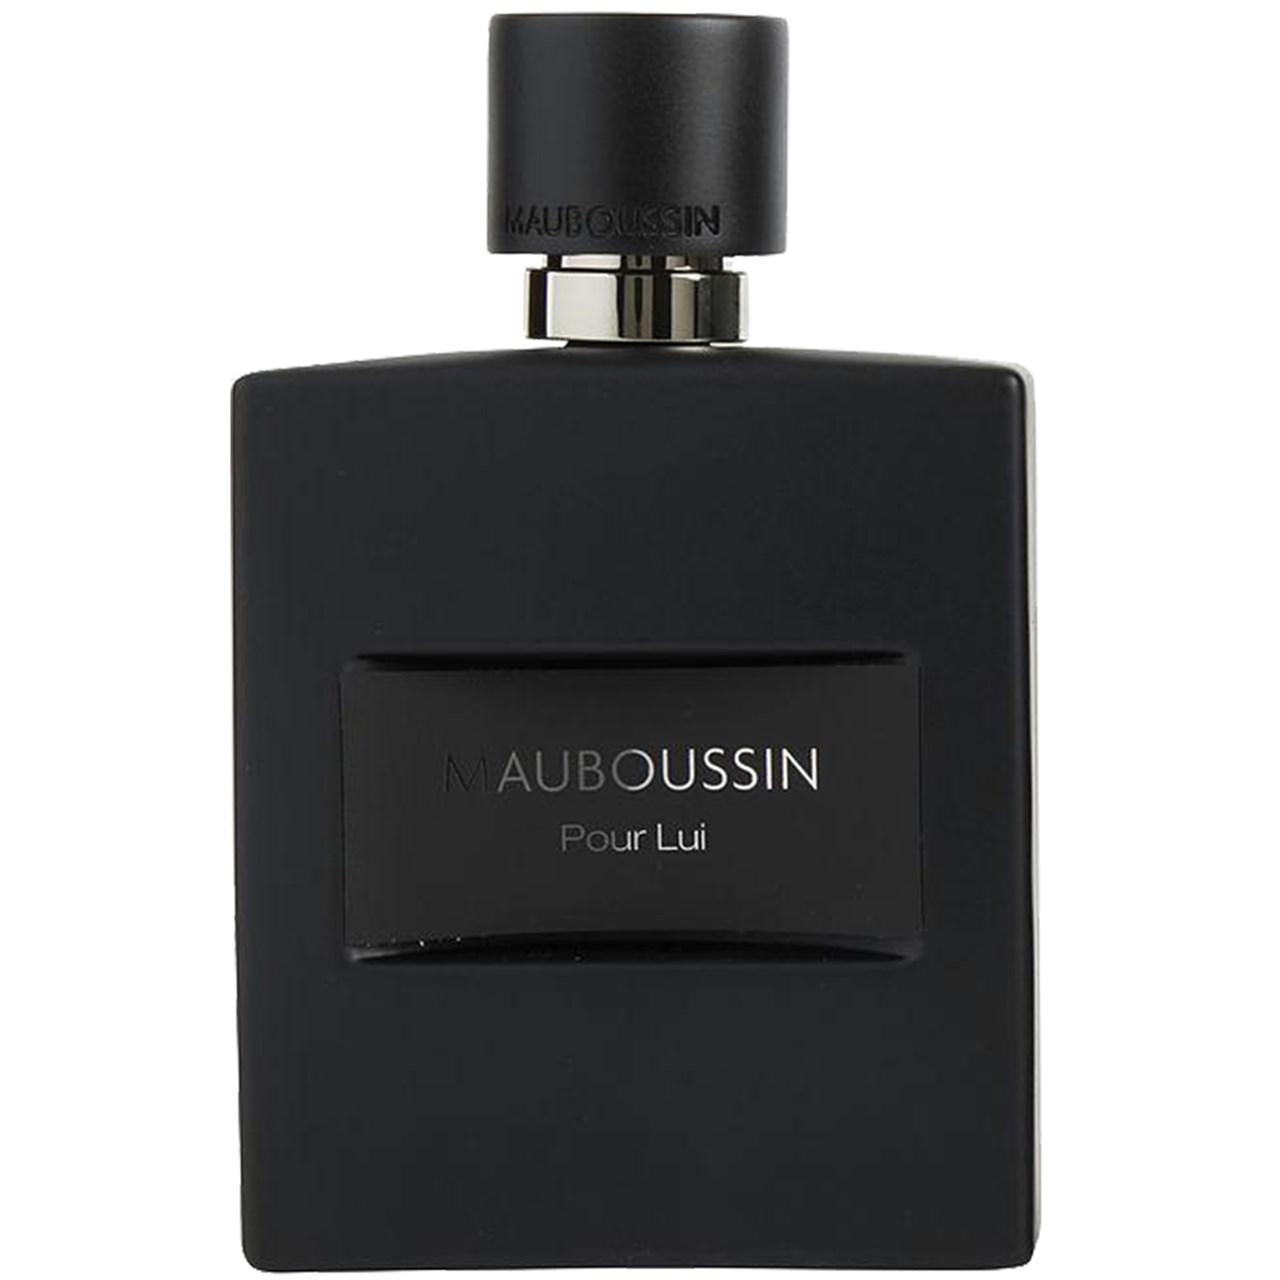 ادو پرفیوم مردانه مابوسین مدل Pour Lui In Black حجم 100 میلی لیتر